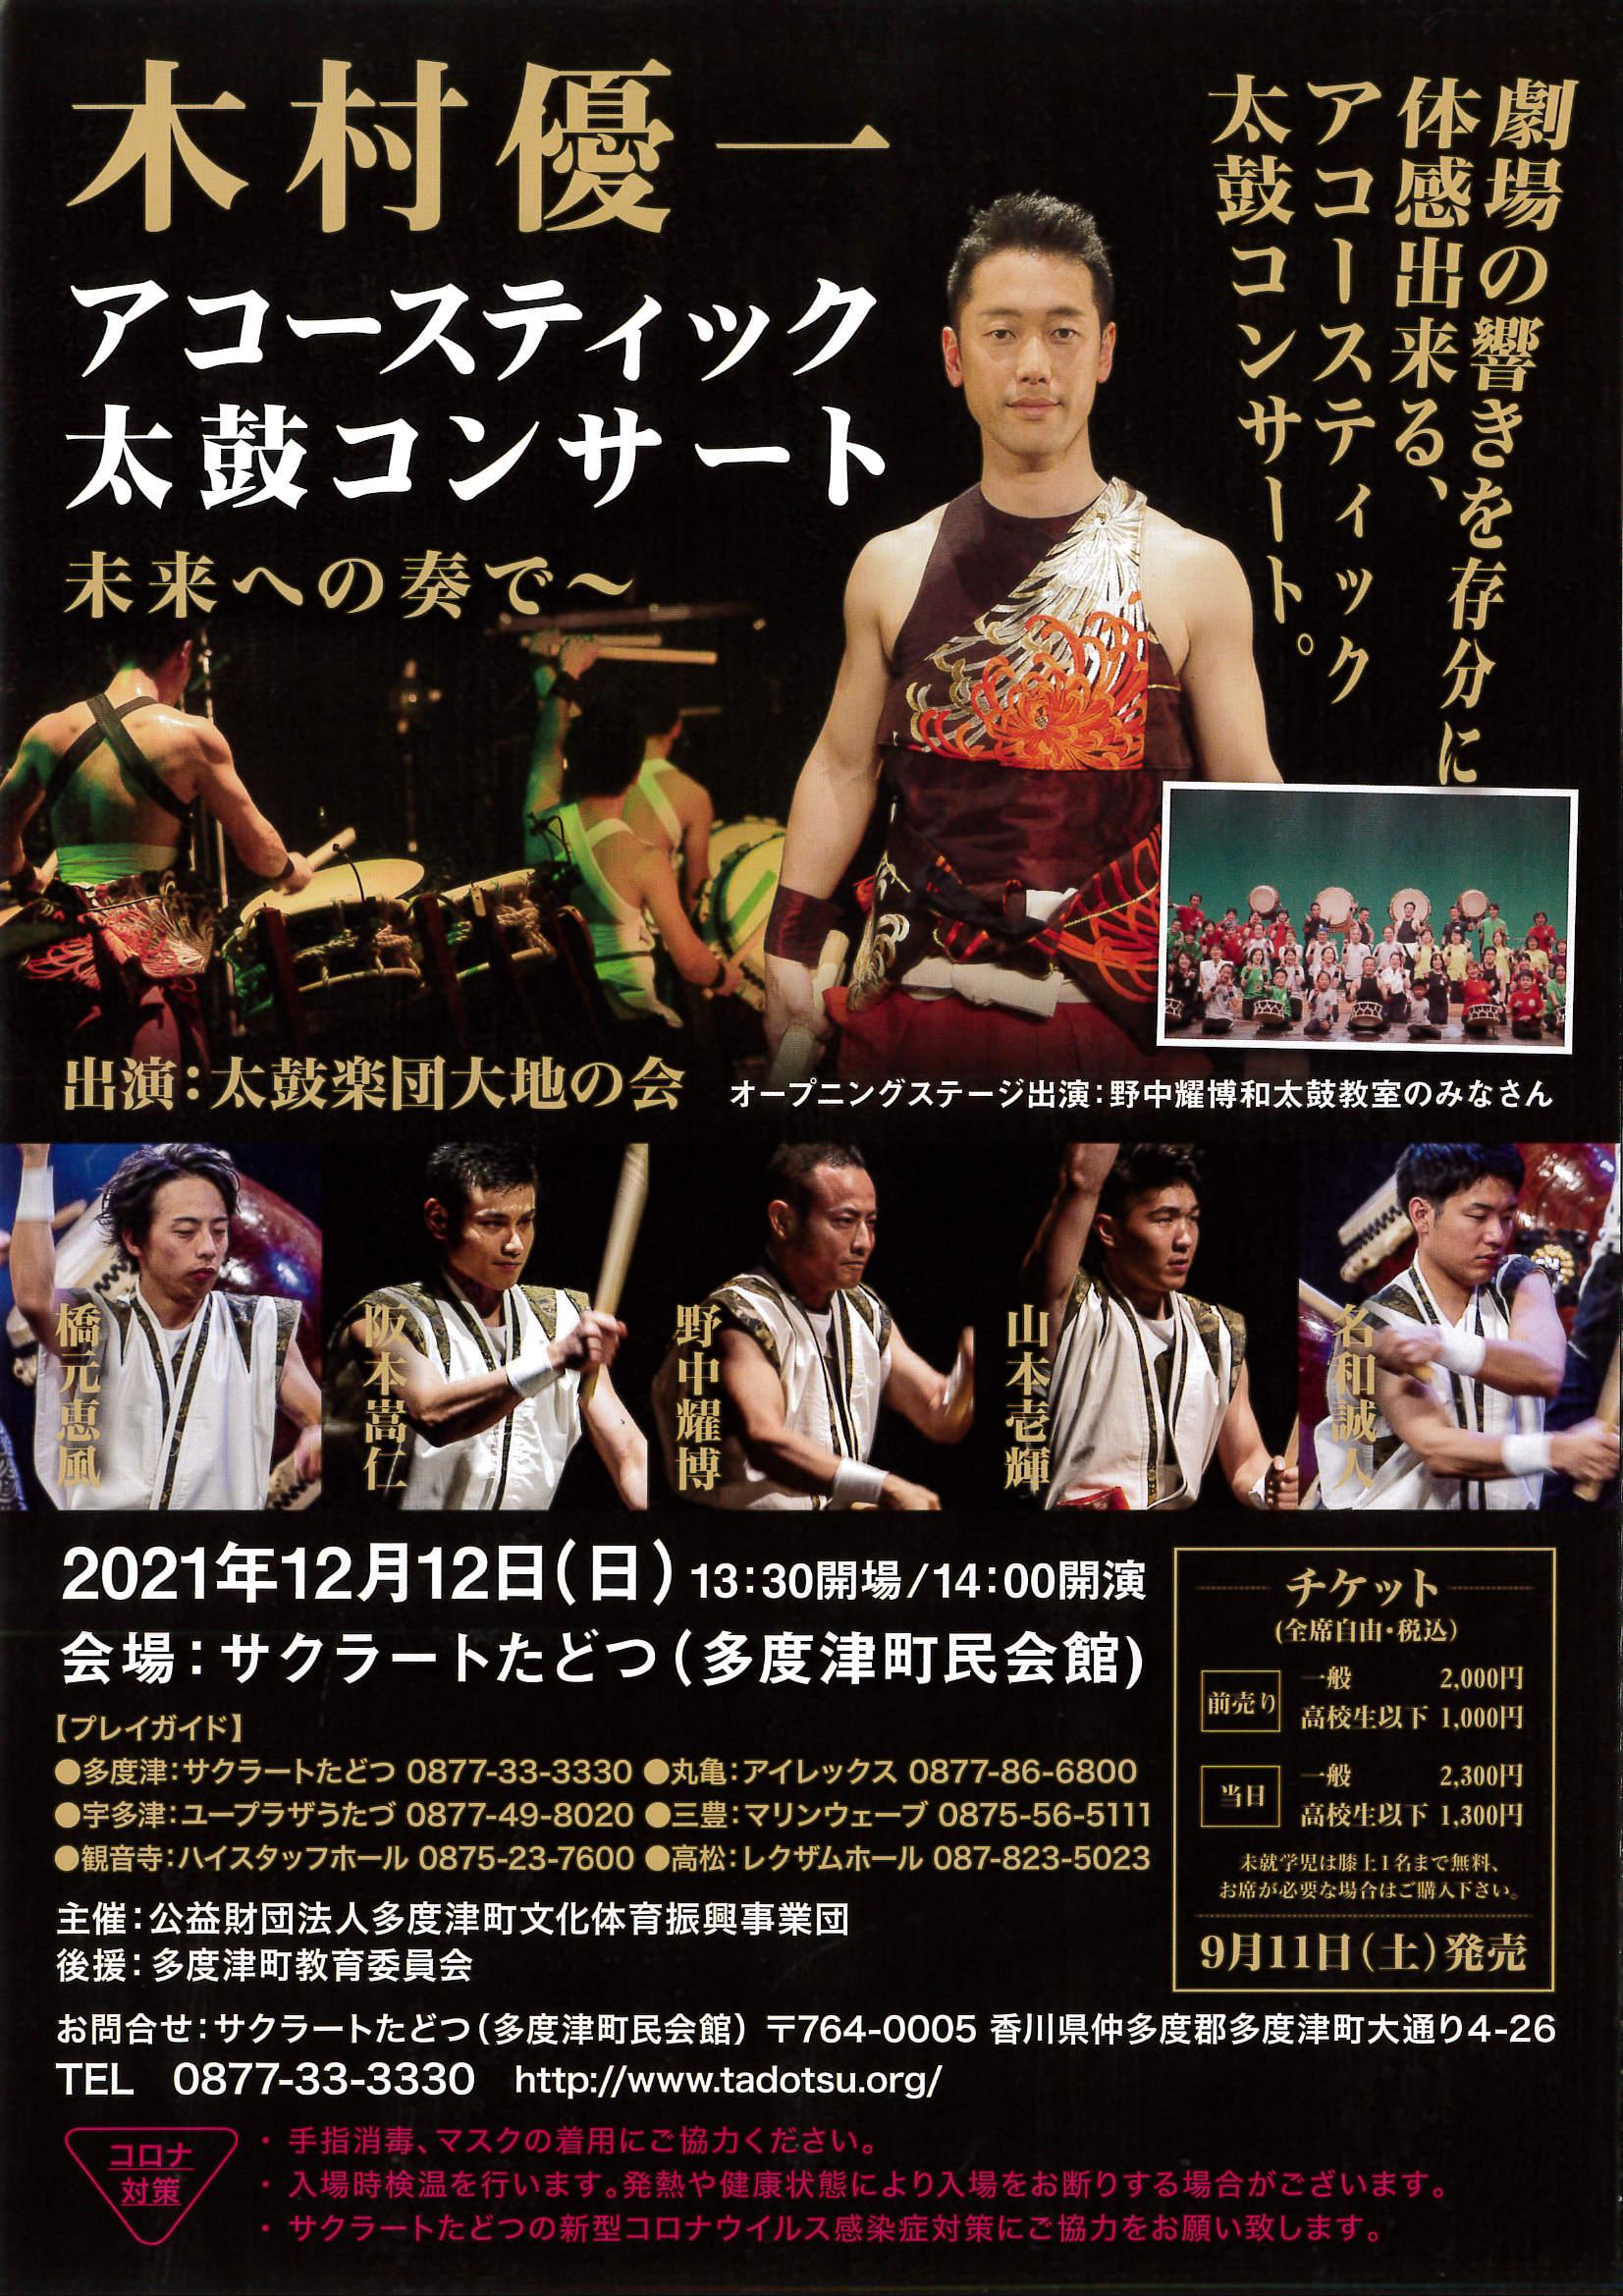 木村優一 アコースティック太鼓コンサート 未来への奏で